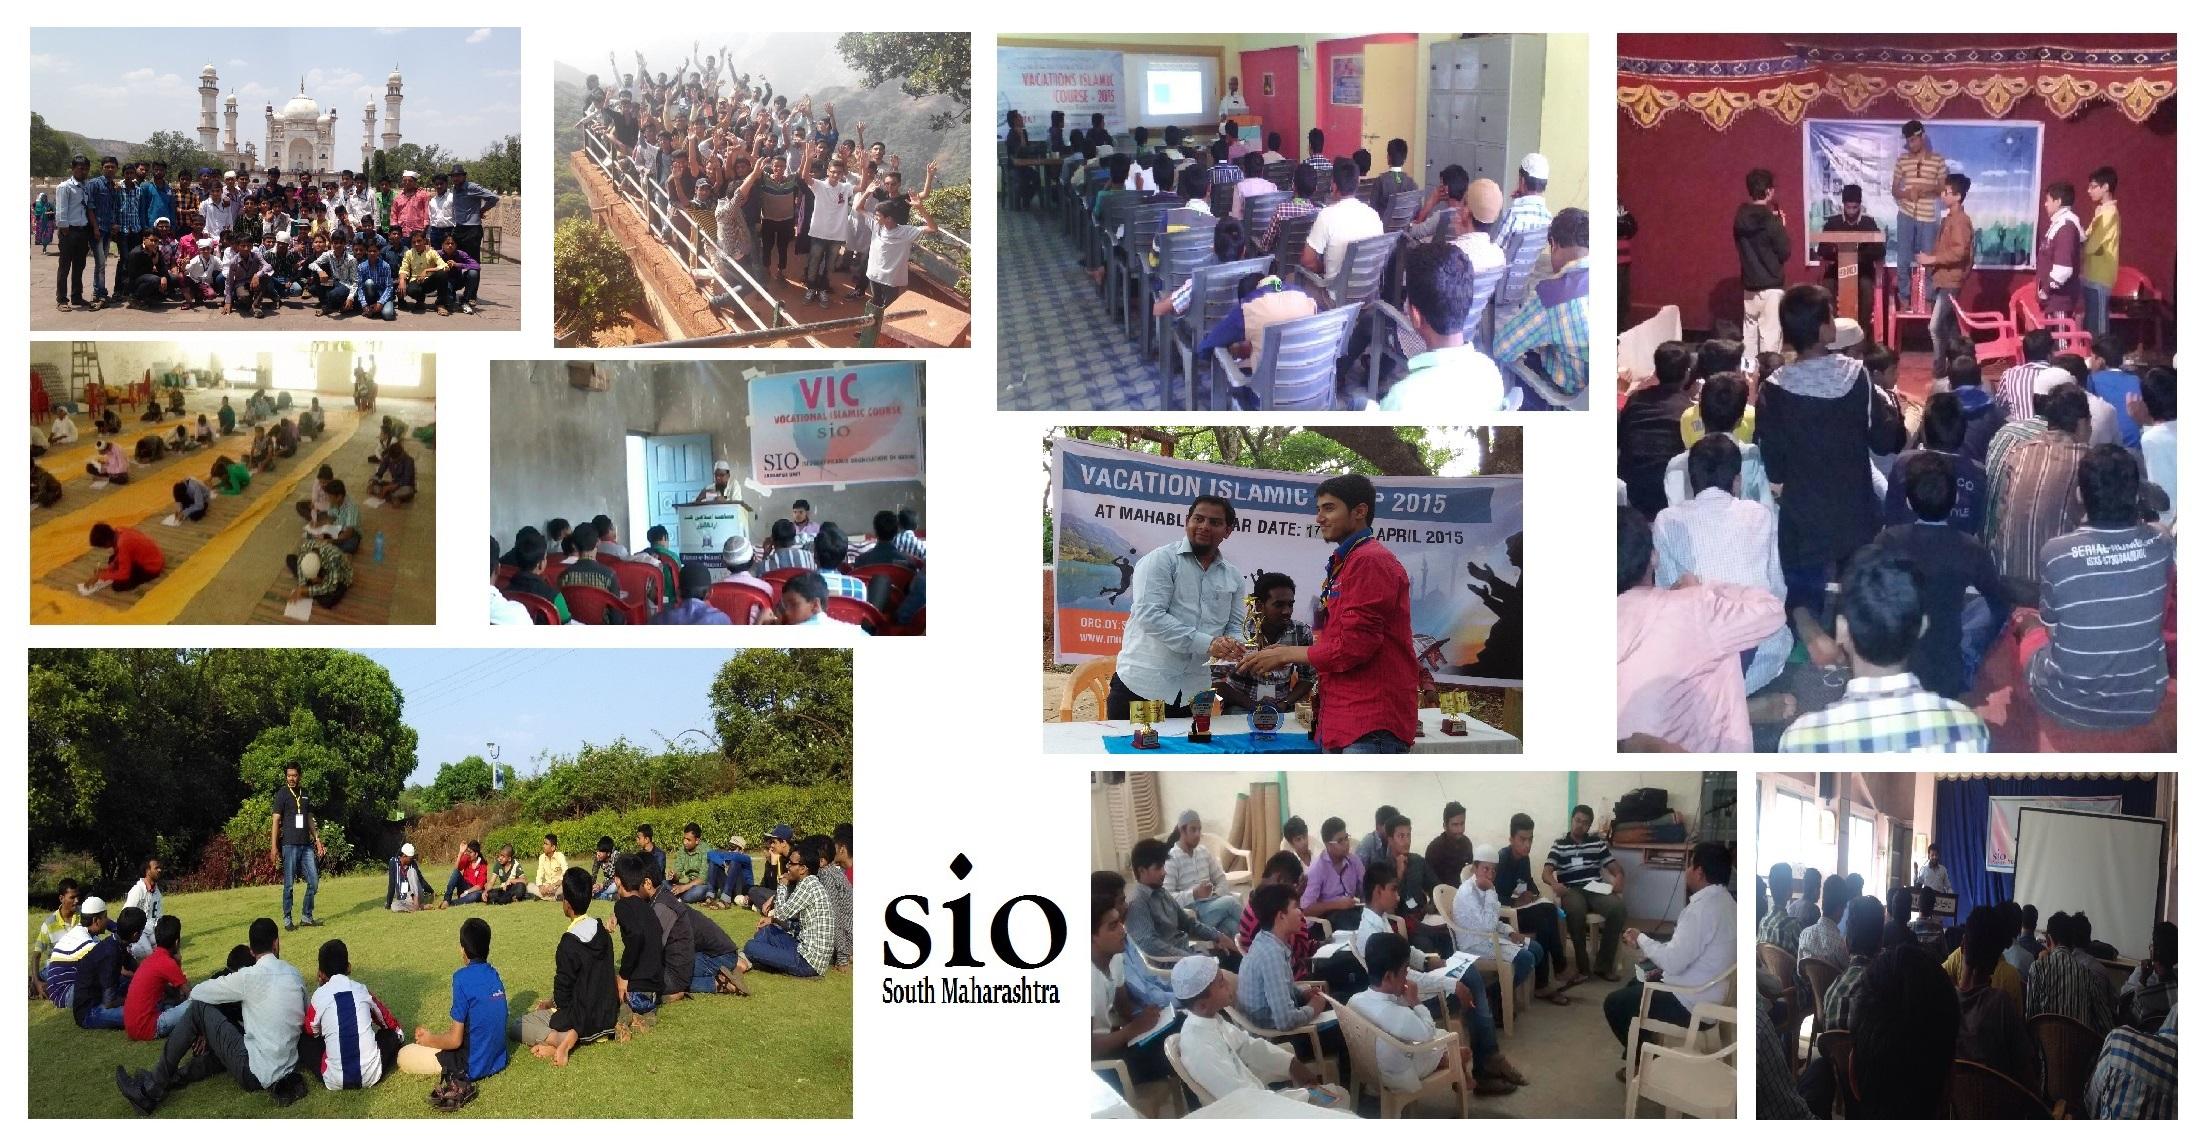 Vacation Islamic Camp held all over the Maharashtra South zone